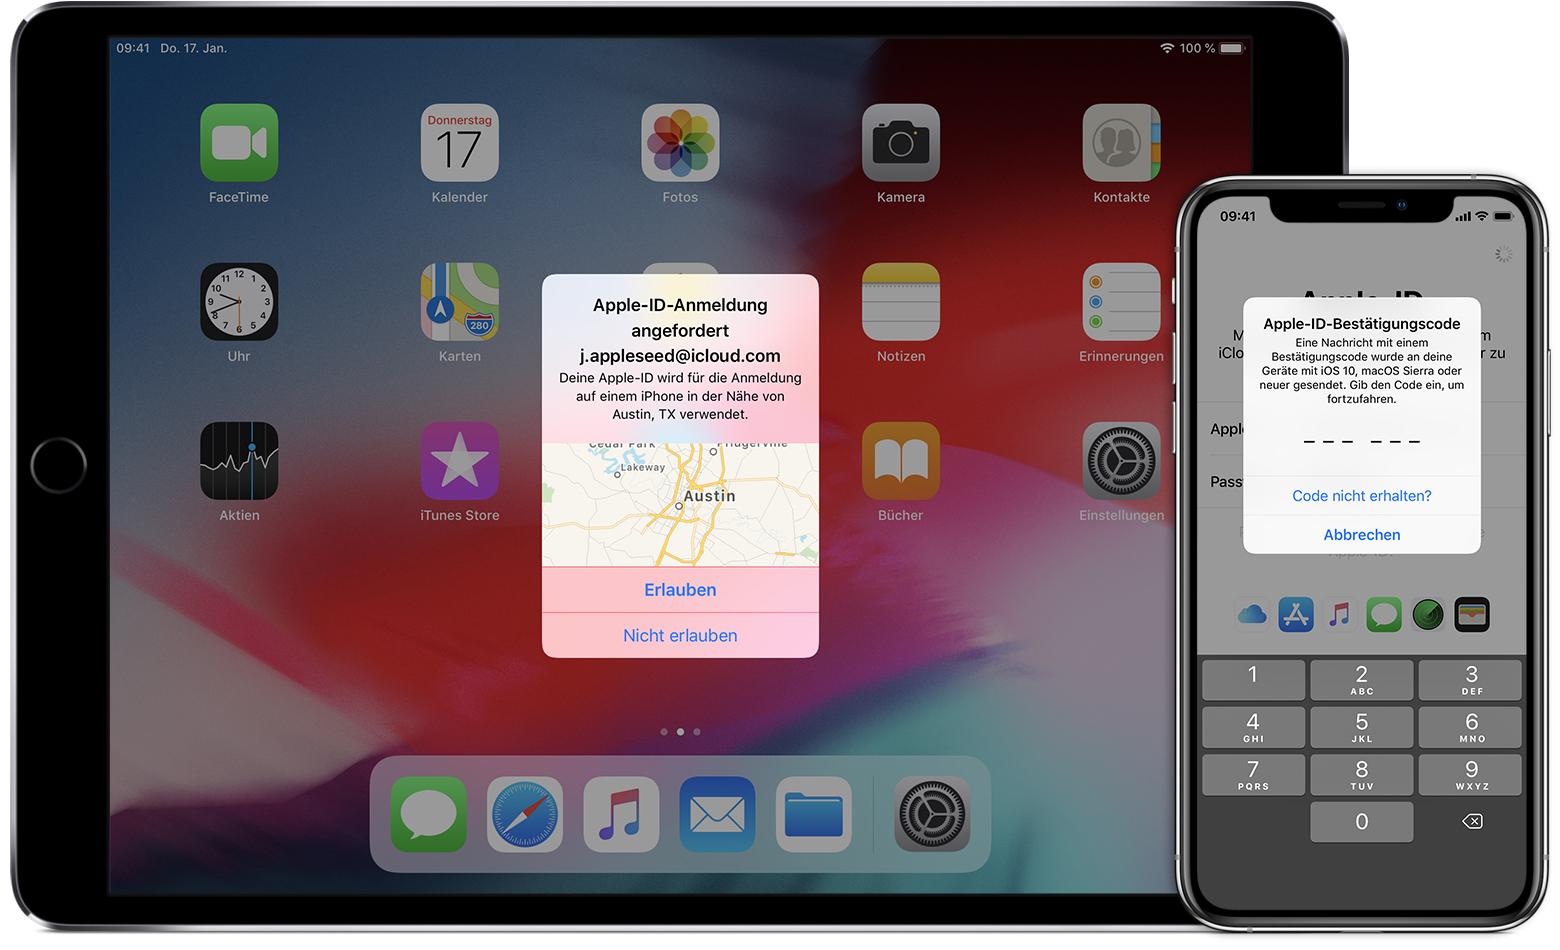 iphone wird nicht mehr unter computer ngezeigt